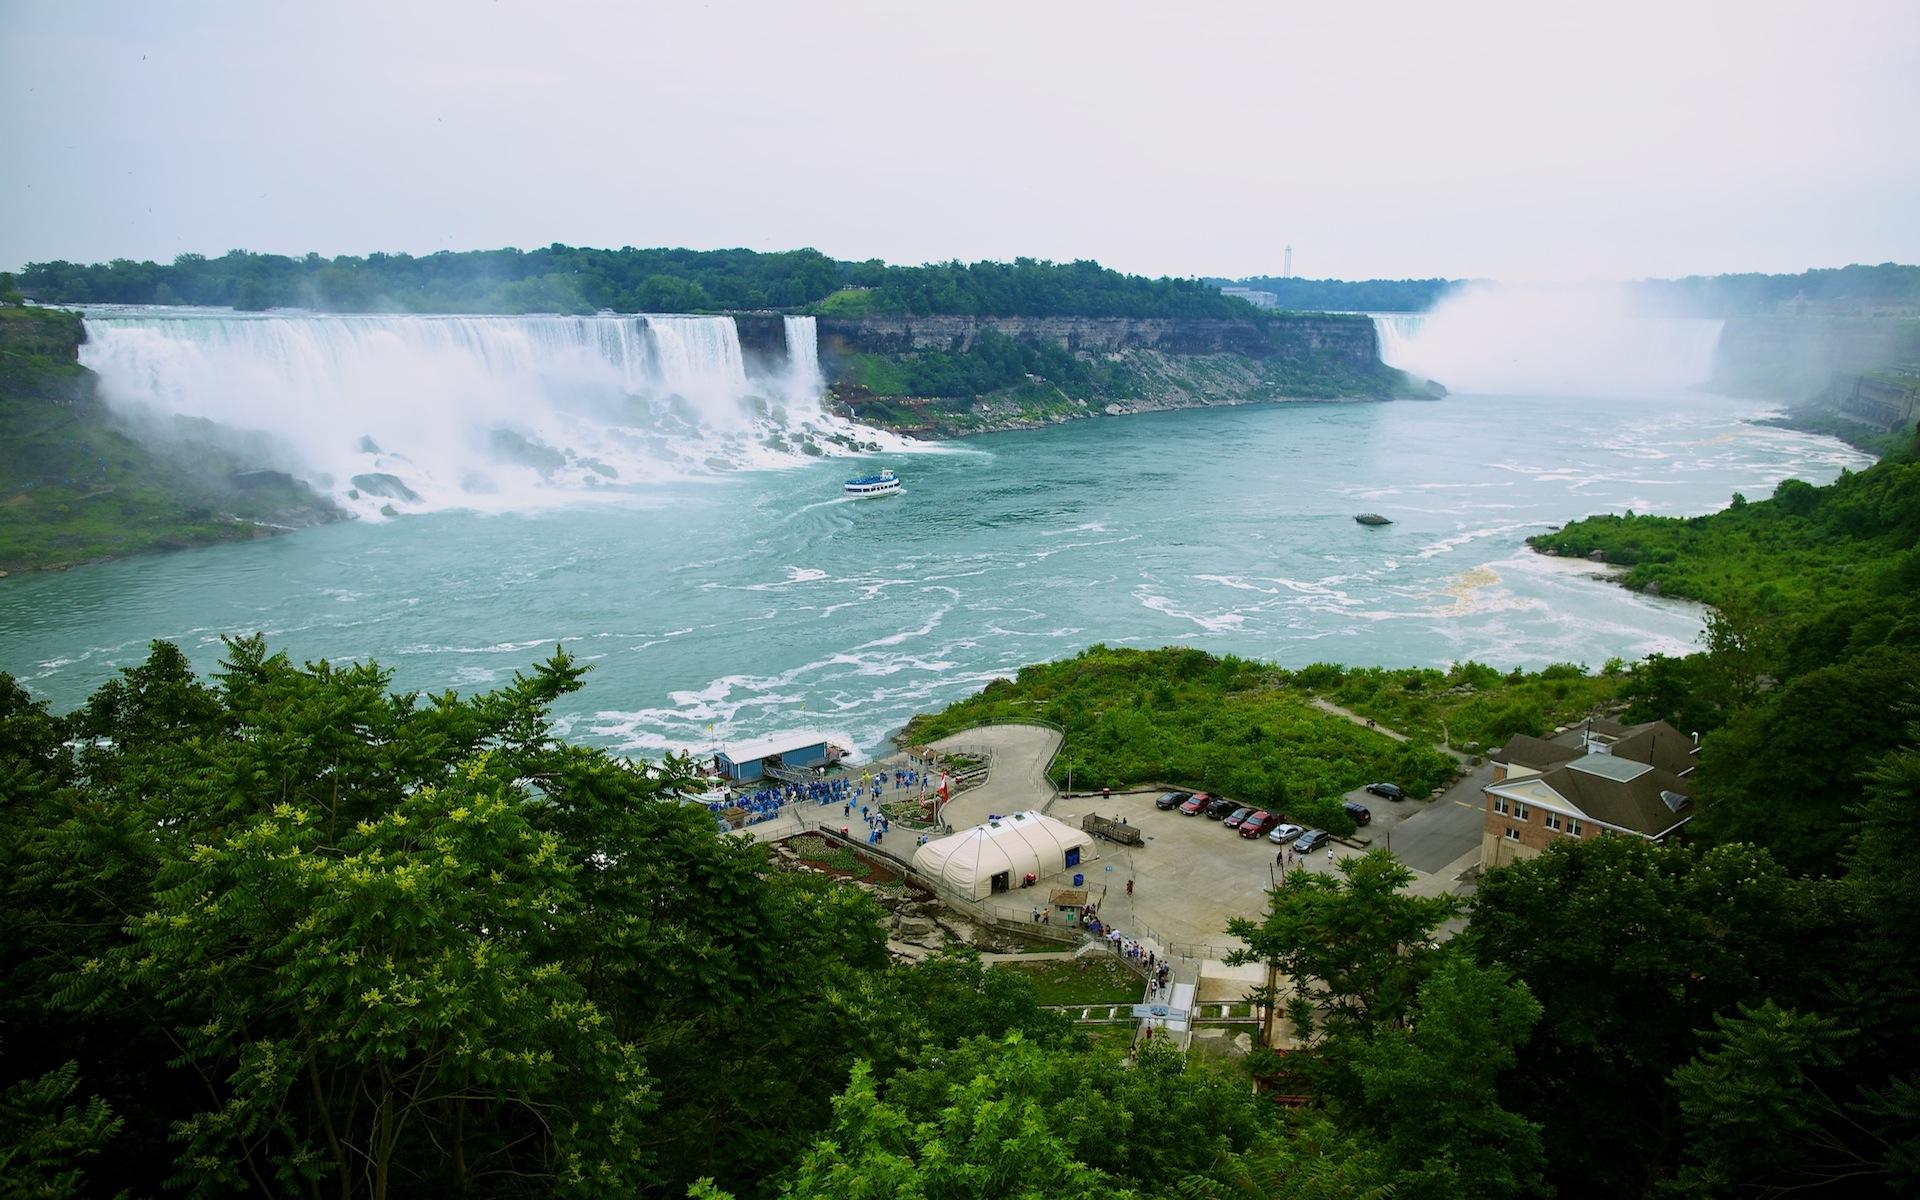 Numa Falls Canada Wallpaper Niagara Falls Wallpaper Hd Wallpapers Pulse